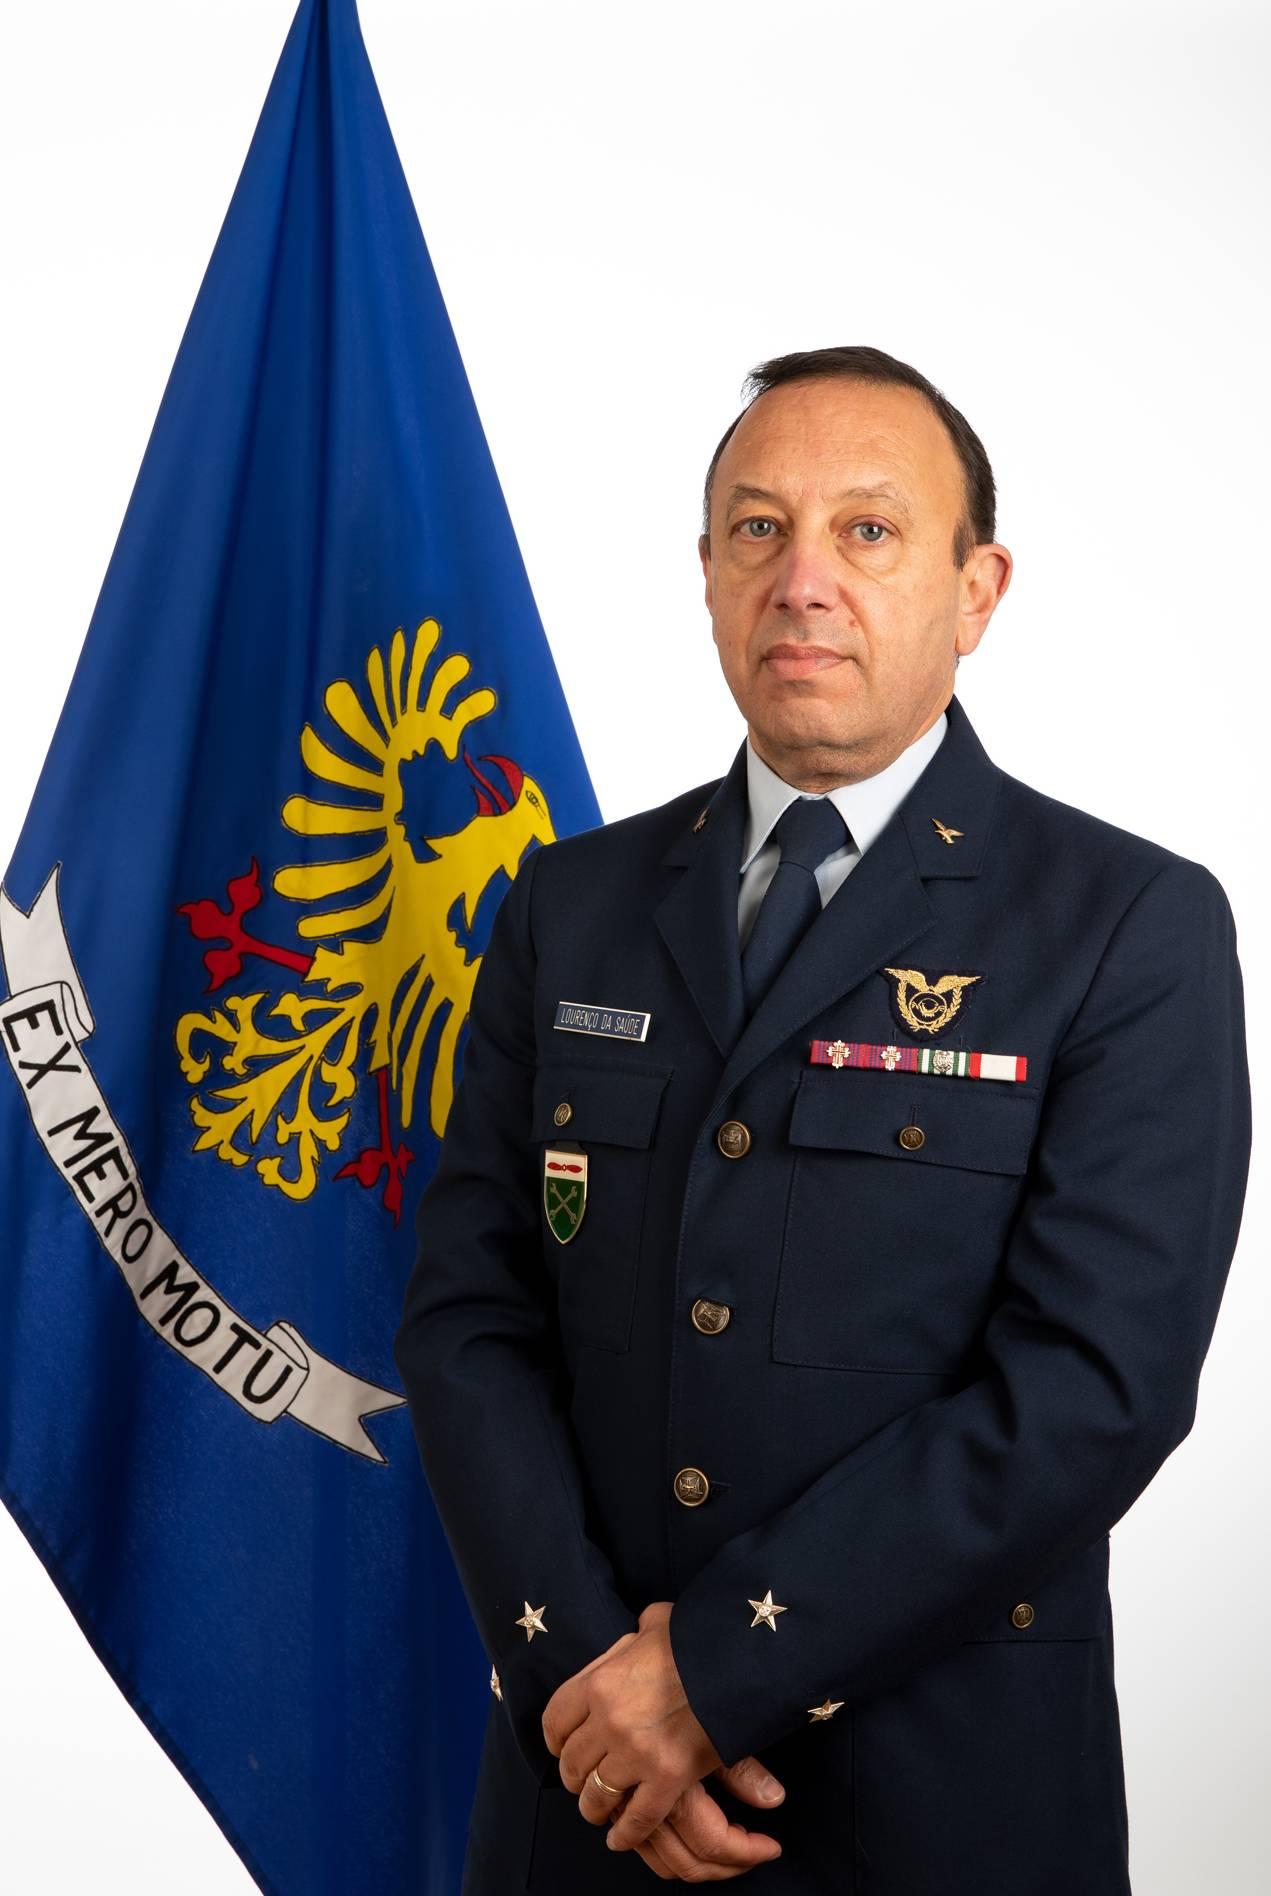 Foto de Major-General José Manuel Mota Lourenço da Saúde